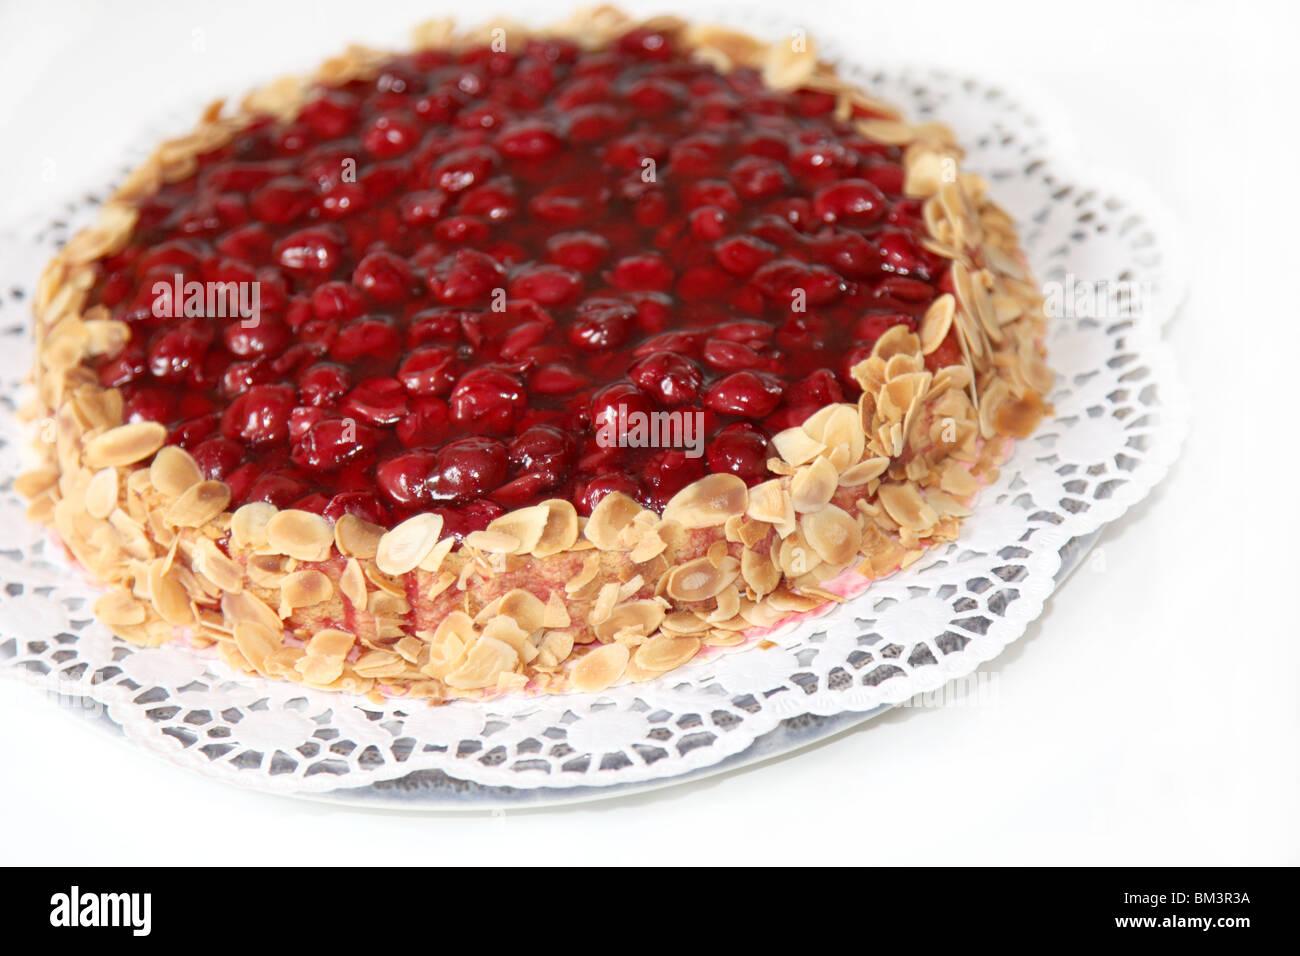 Un gâteau aux amandes avec edge - close-up Photo Stock